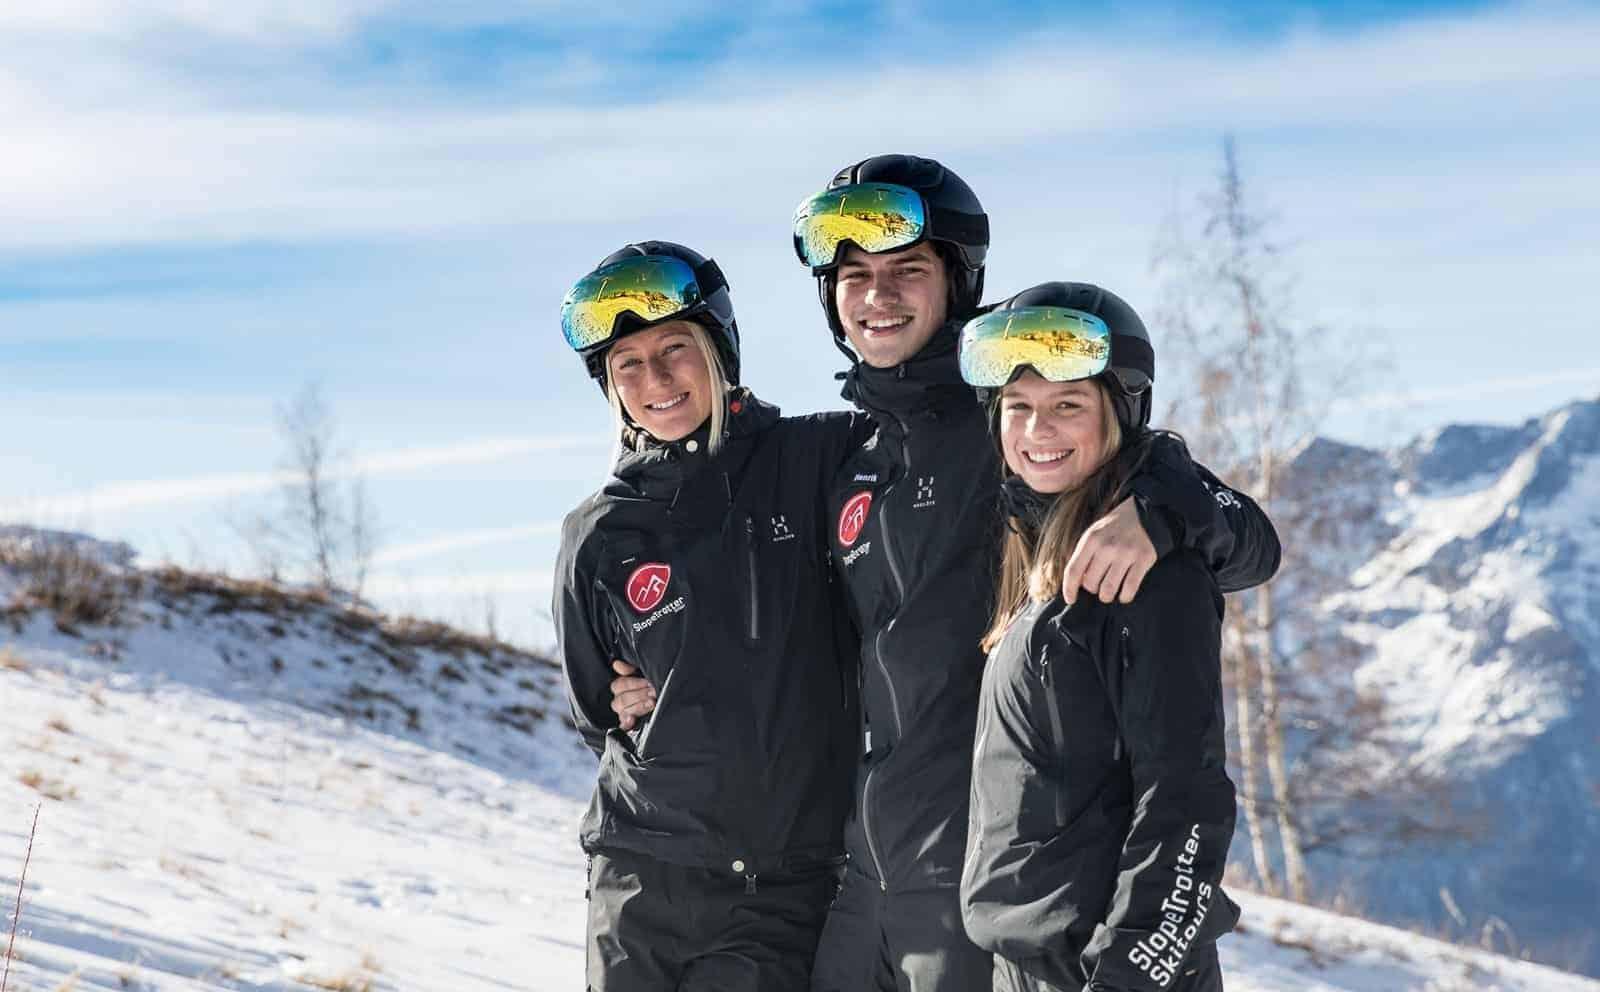 Vælg din skiferie i Alperne